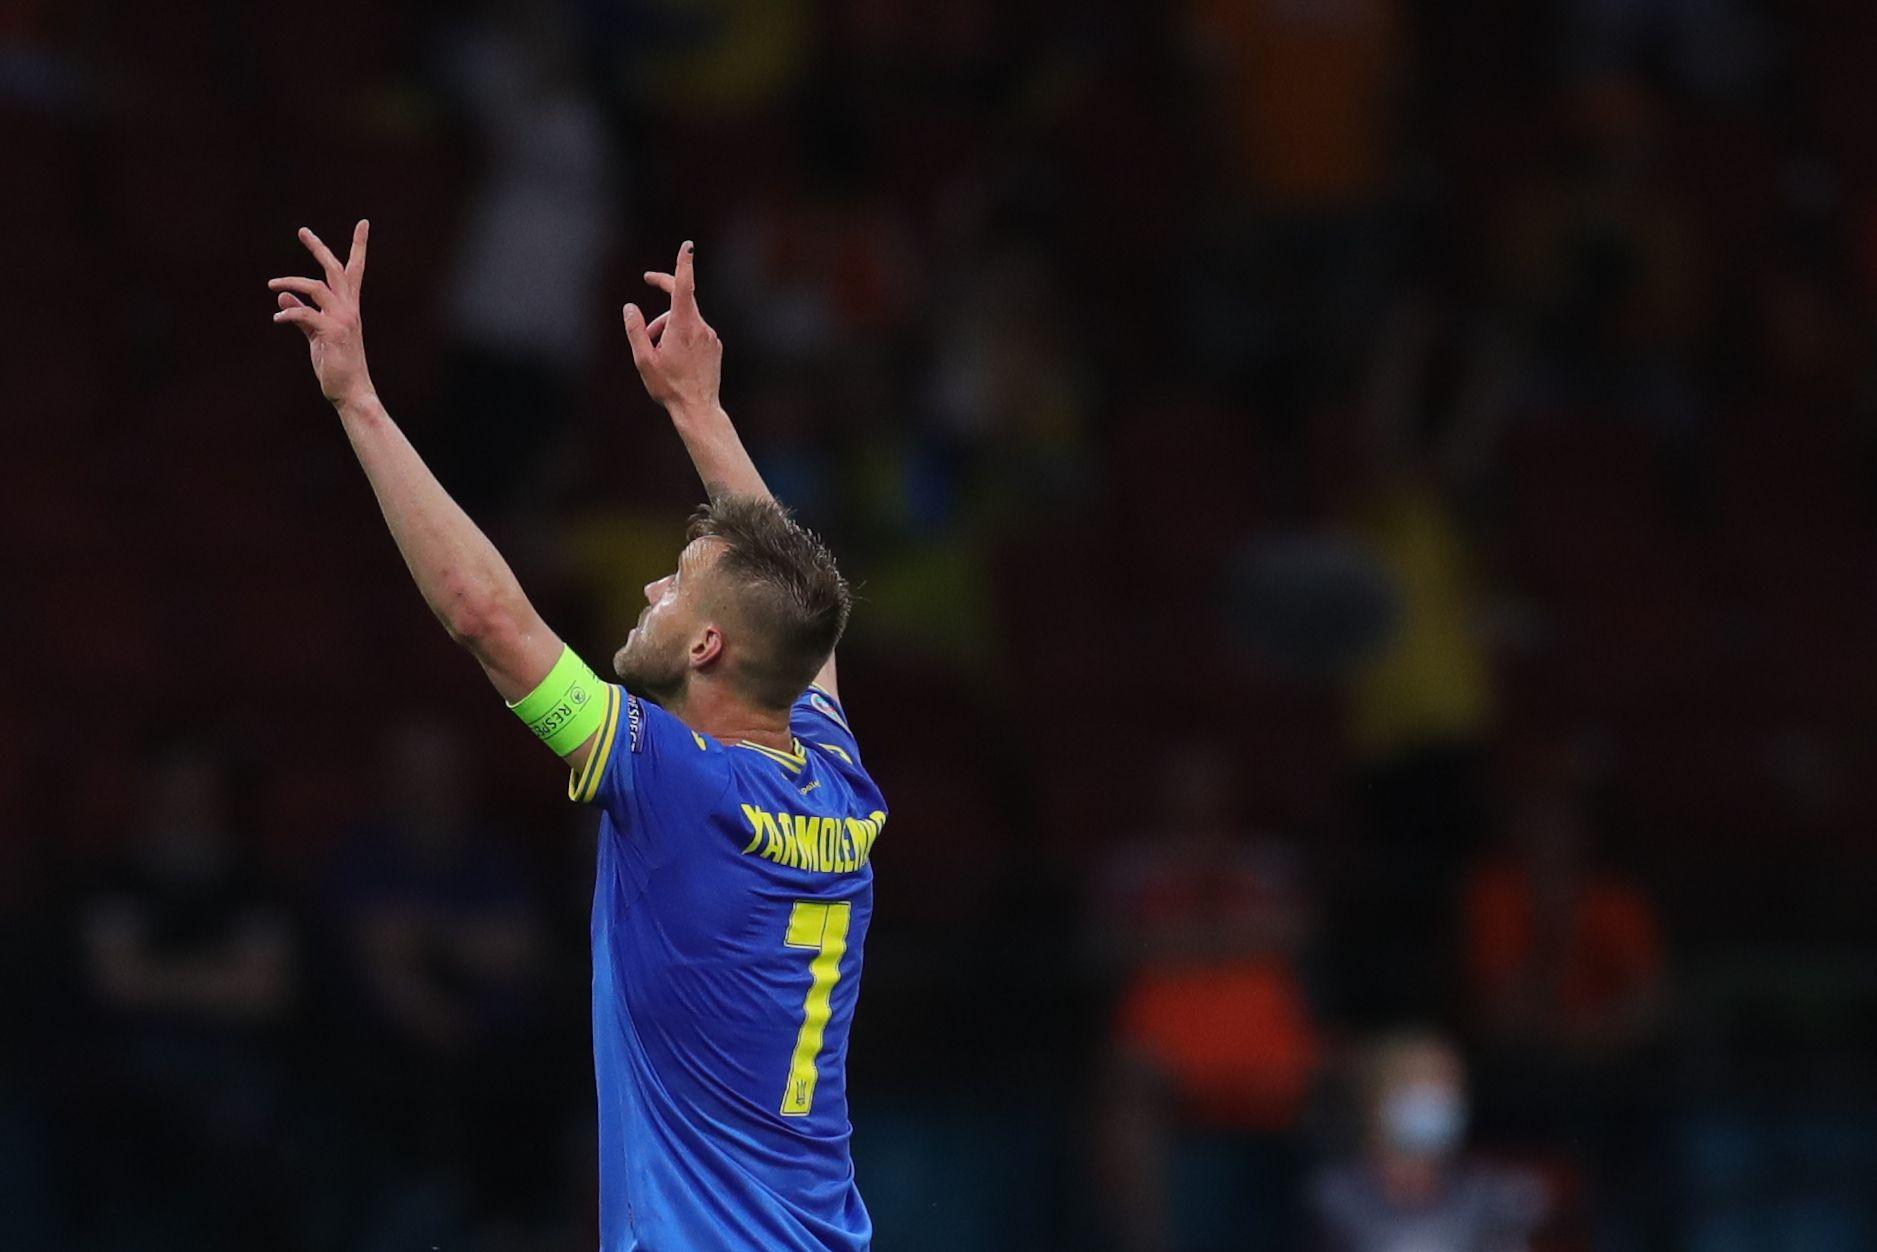 EURO 2020: dramatiskas un rakstura pilnas cīņas turnīra pirmajās trīs dienās